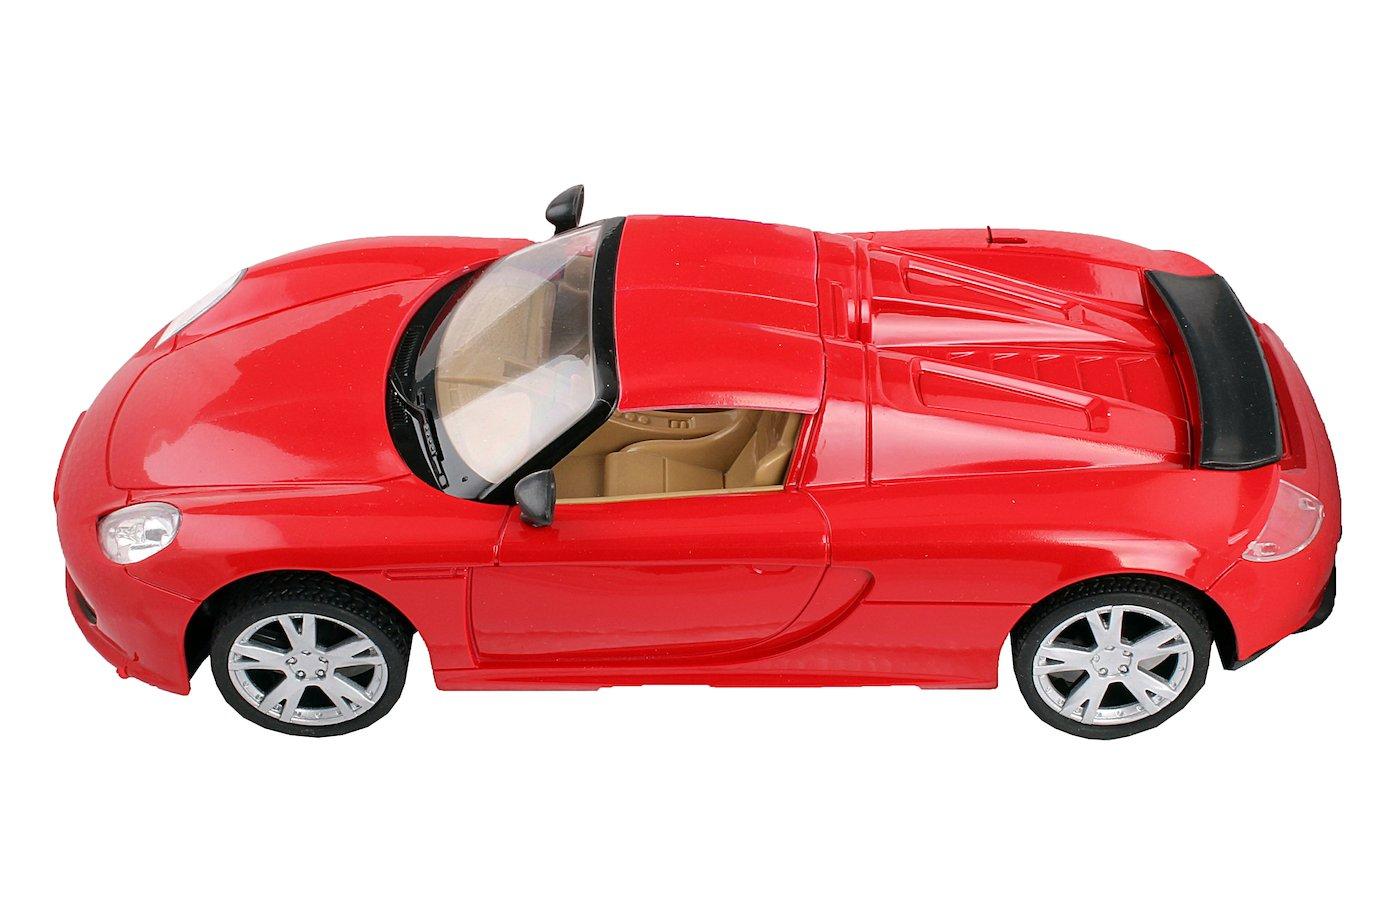 Игрушка MioshiTech 24см на аккум. 2012-3 (красный) Автомобиль